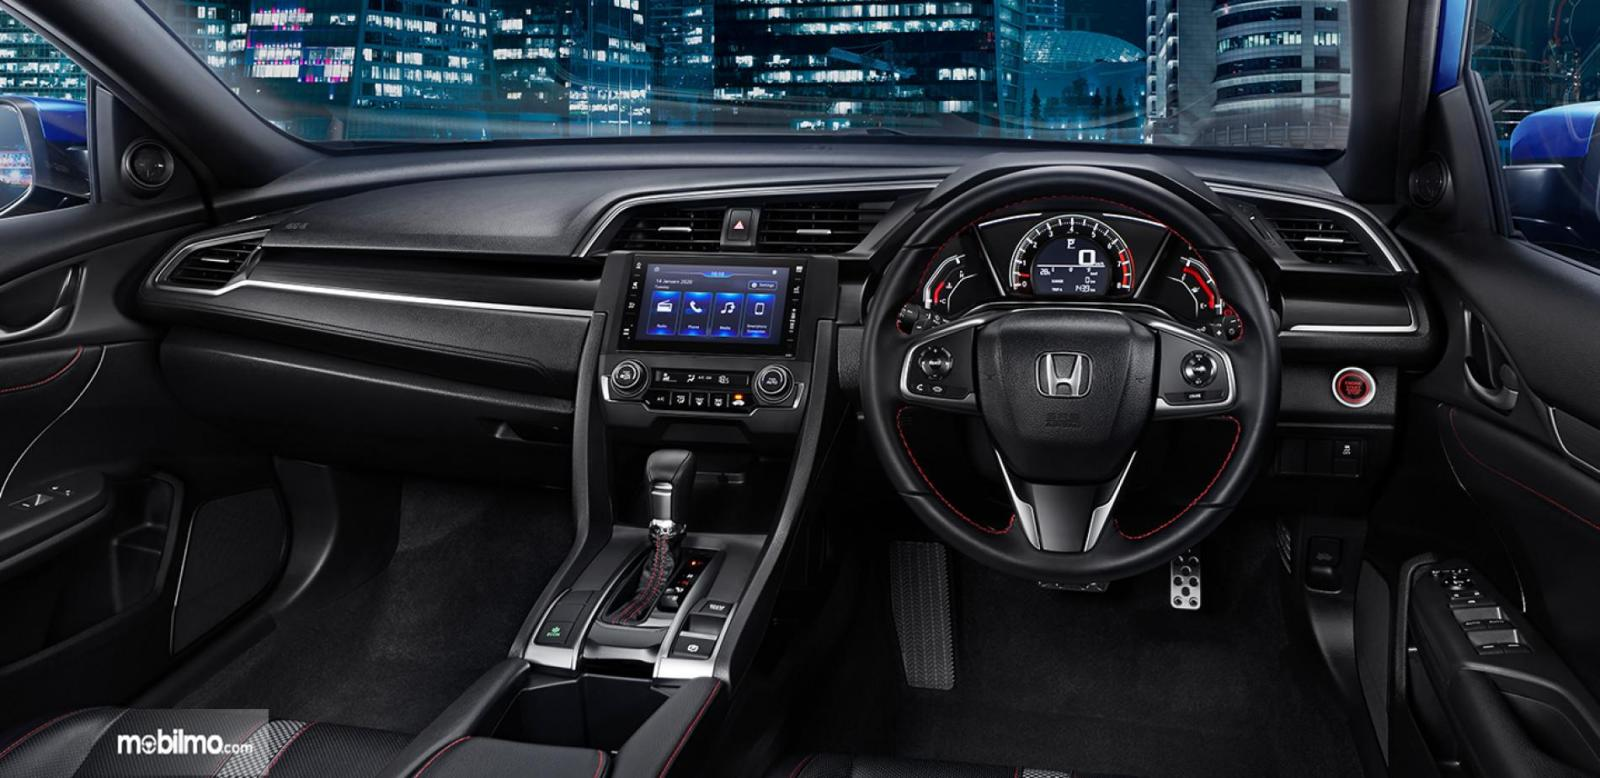 Foto menunjukkan Interior New Honda Civic Hatchback RS